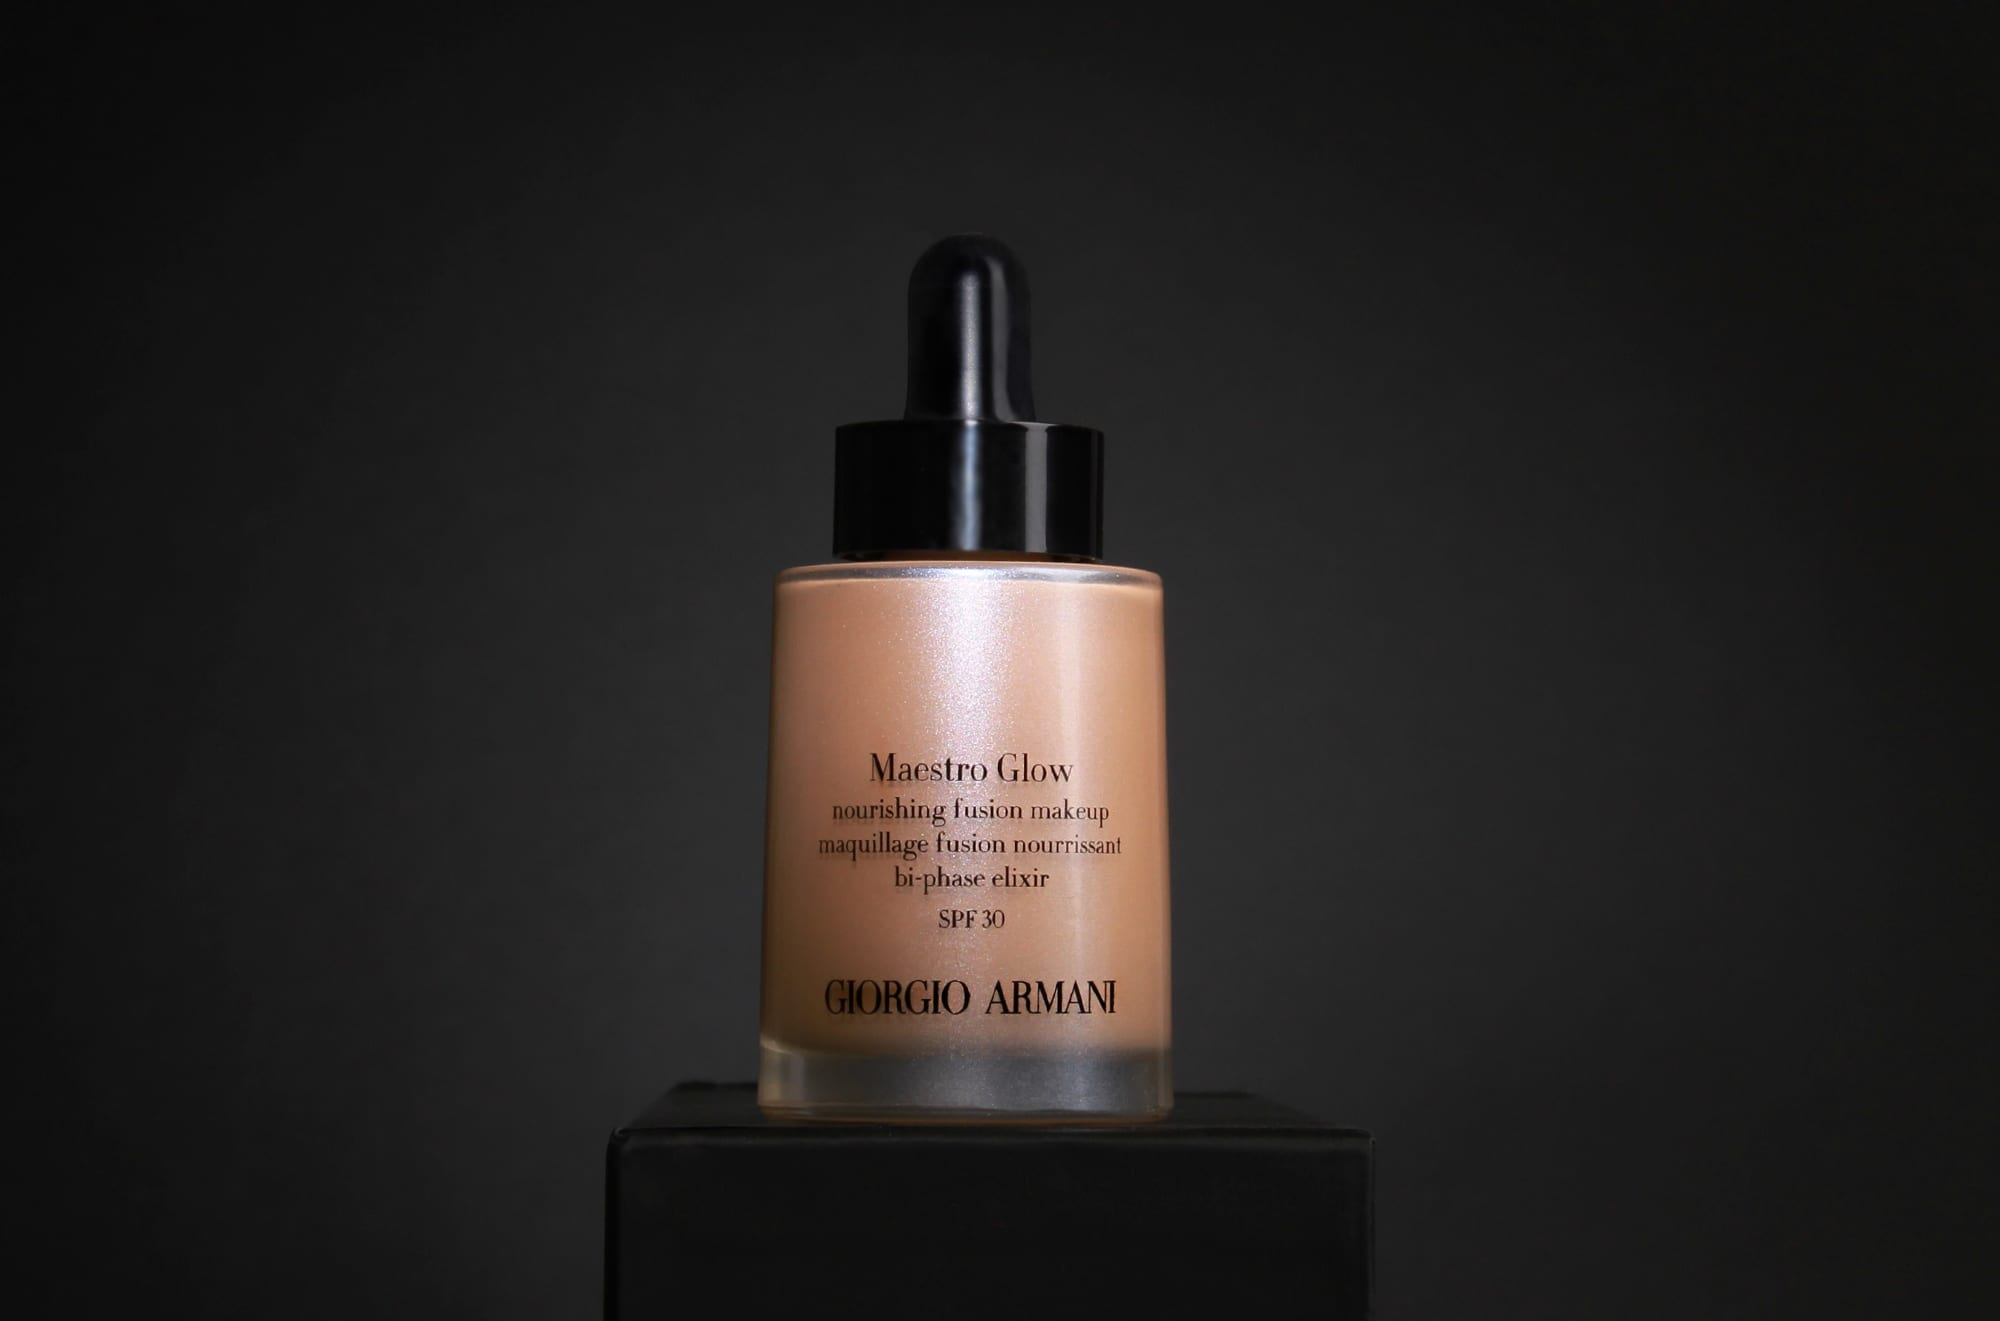 In The Spotlight: Giorgio Armani Maestro Glow